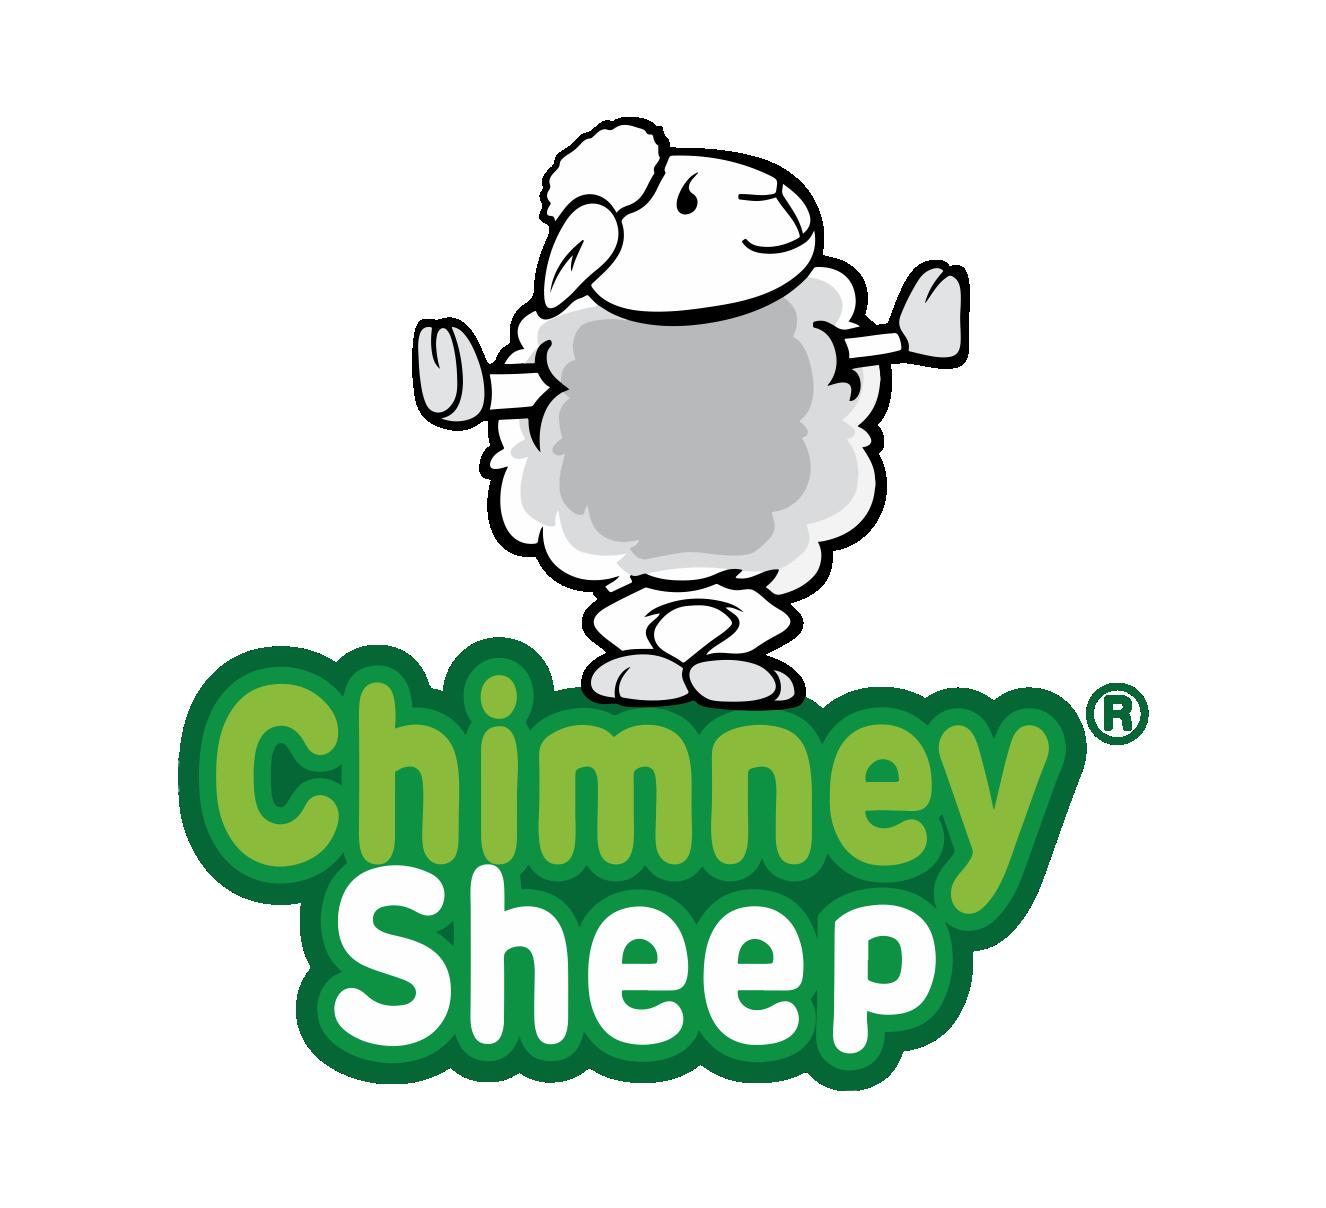 Chimney Sheep logo